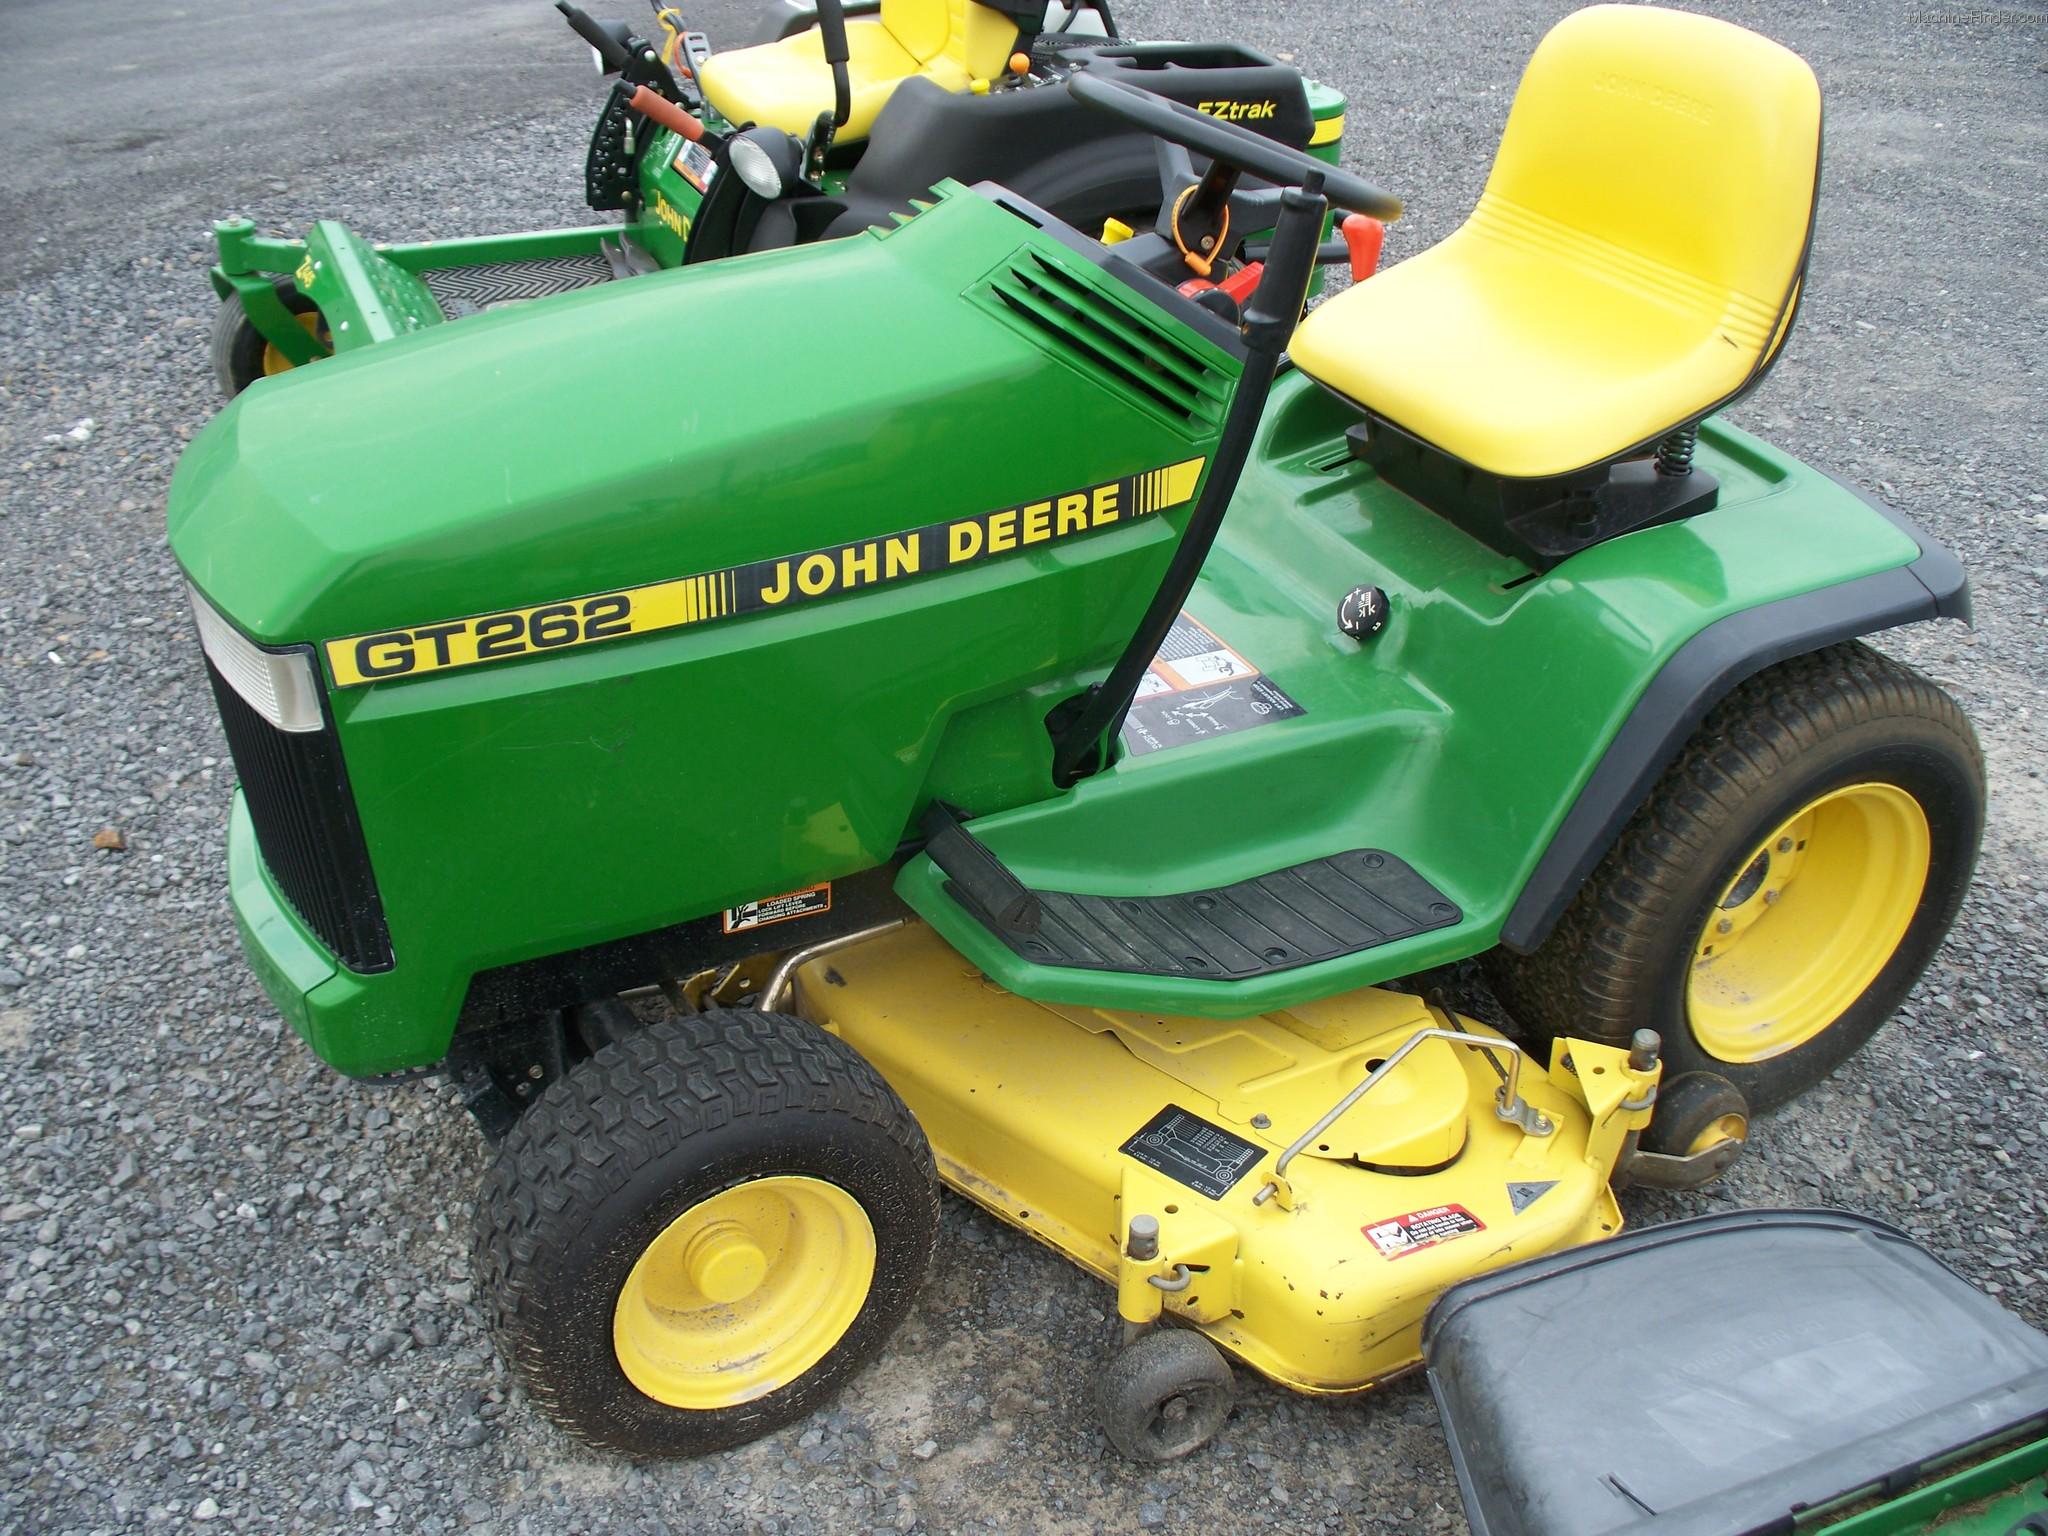 John Deere Gt262 : John deere lawn and garden tractor parts car interior design